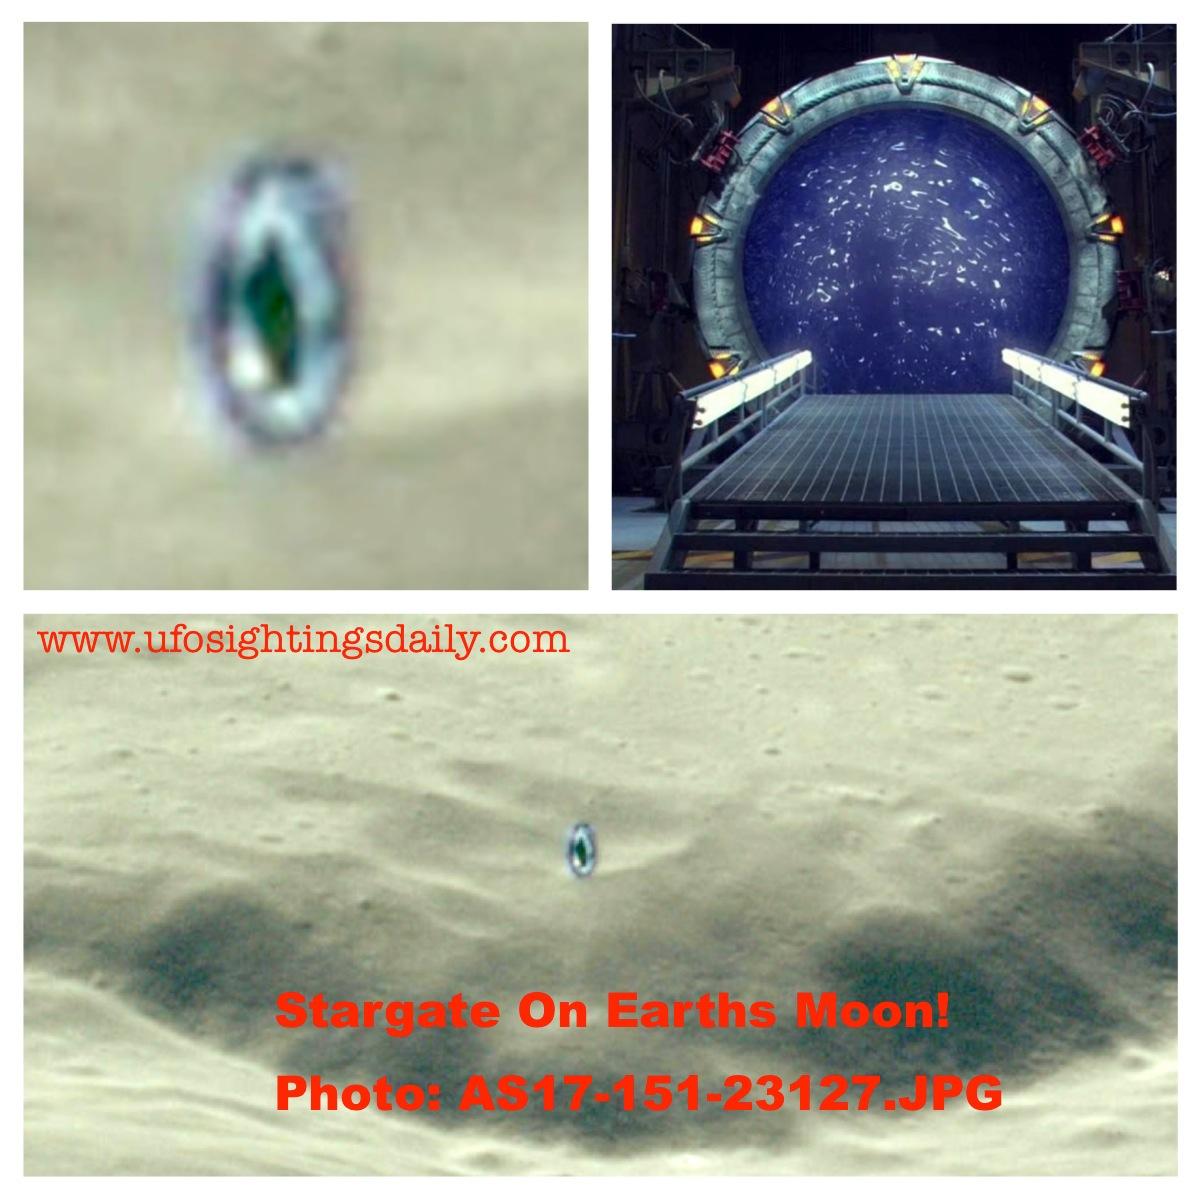 La misión Apollo 17 fotografió un